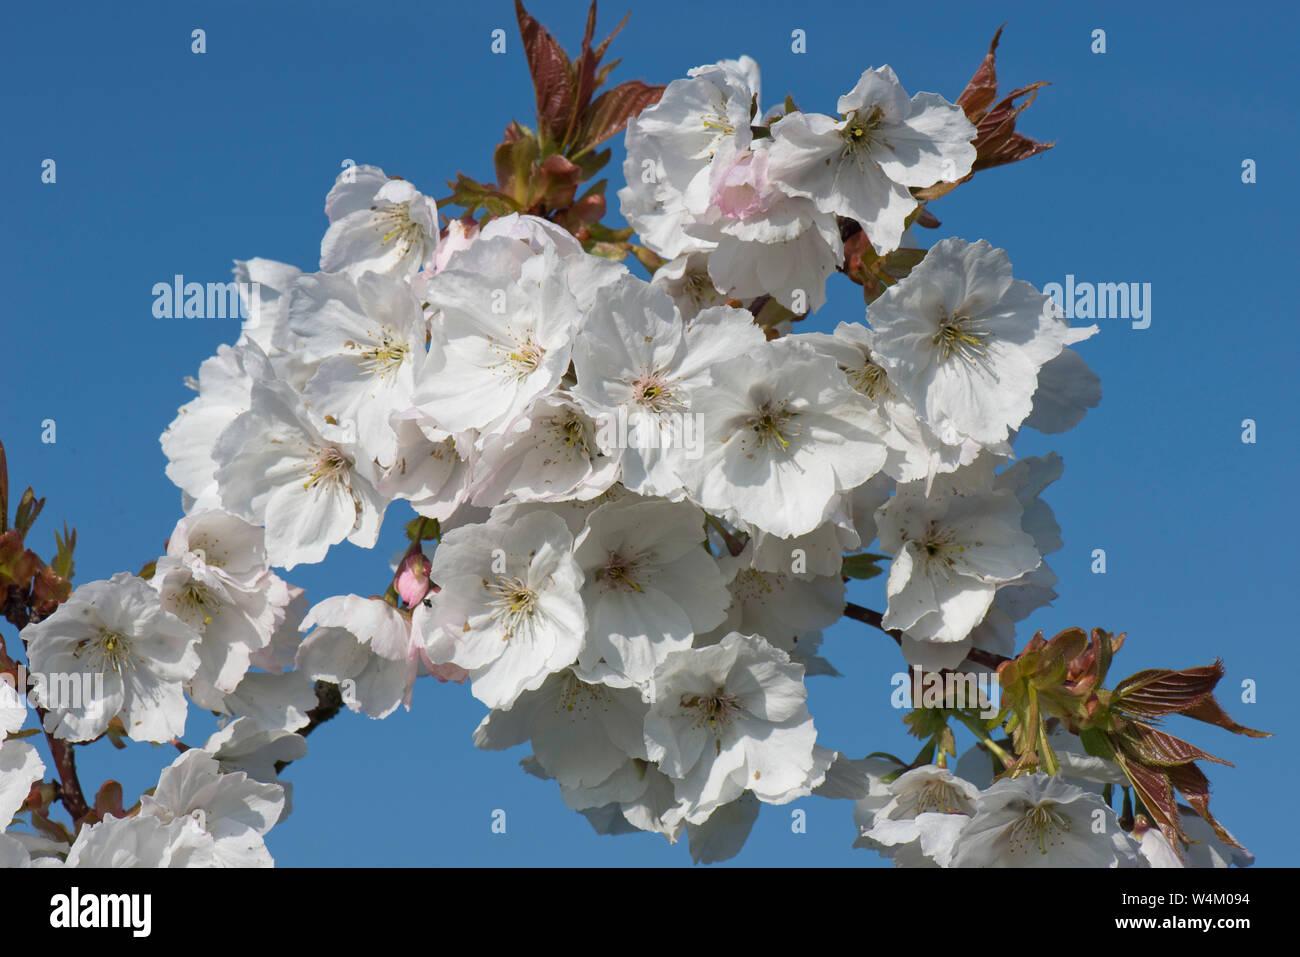 Ciliegio Fiori Bianchi O Rosa.Marcia Del Prunus Immagini Marcia Del Prunus Fotos Stock Alamy